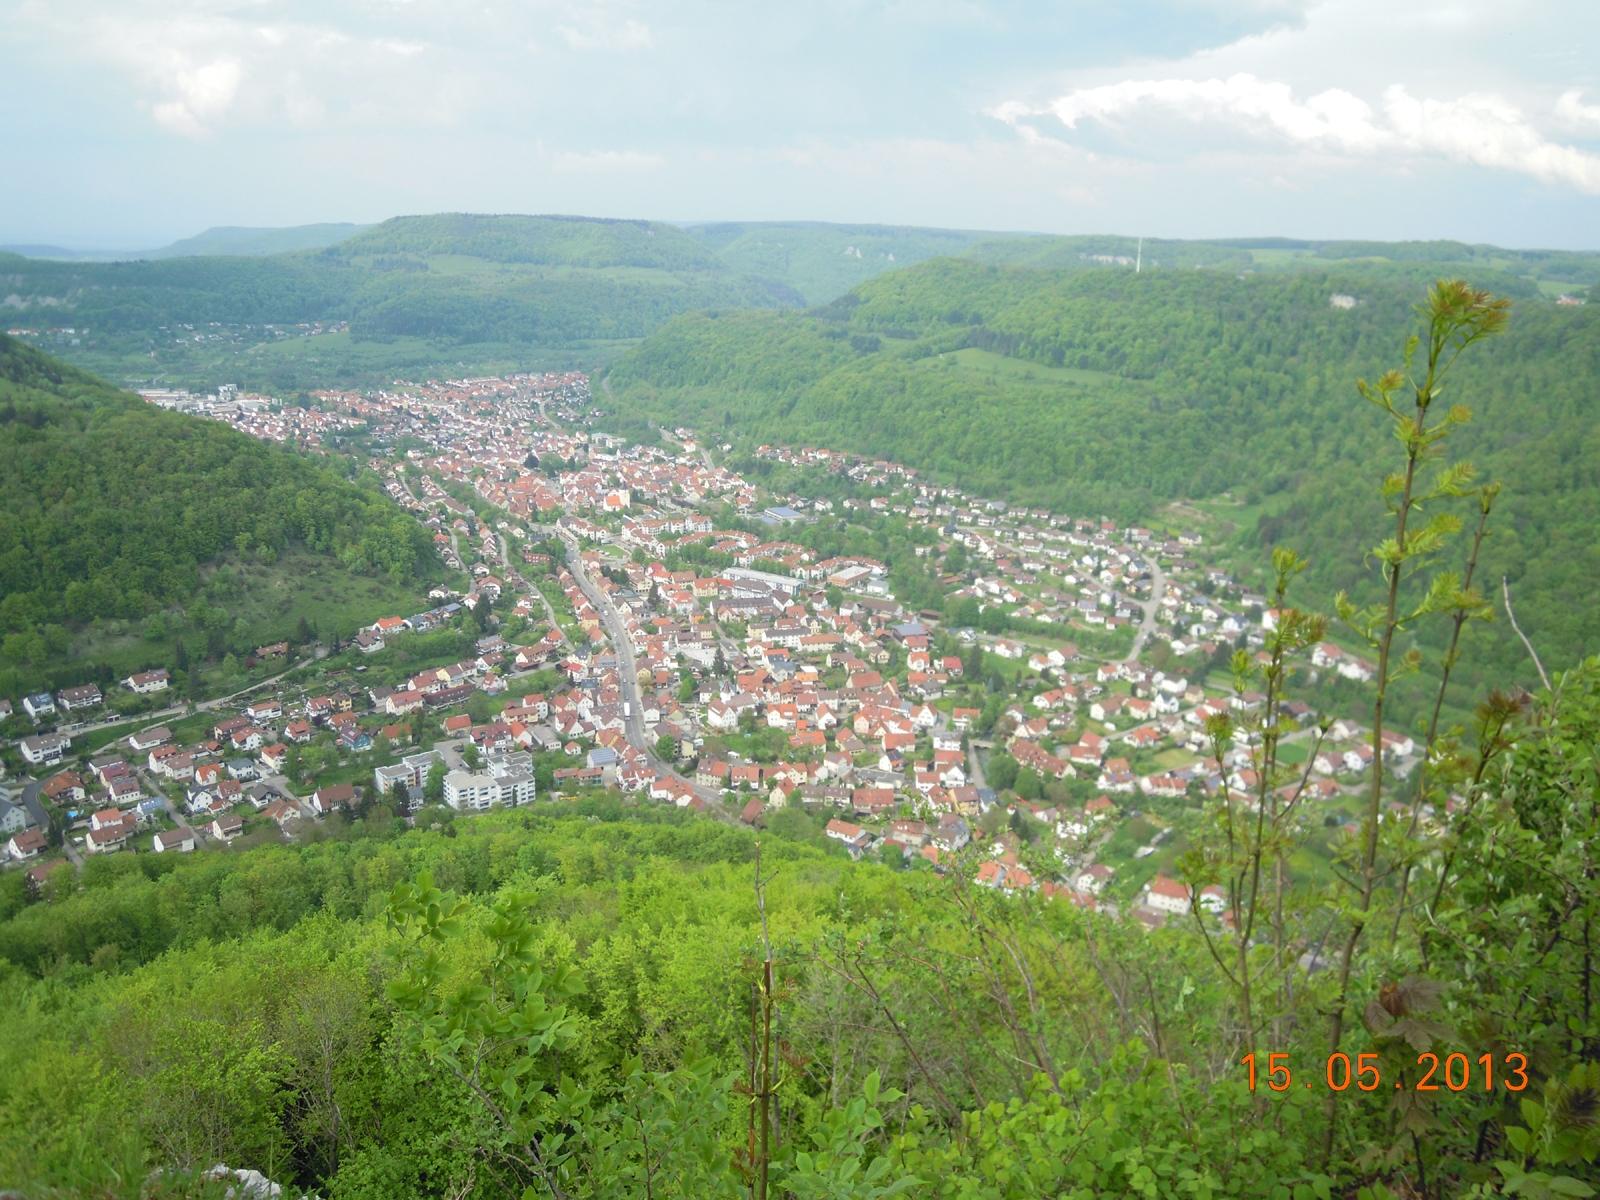 2013_05_15 Lichtenstein, Albrandwanderung